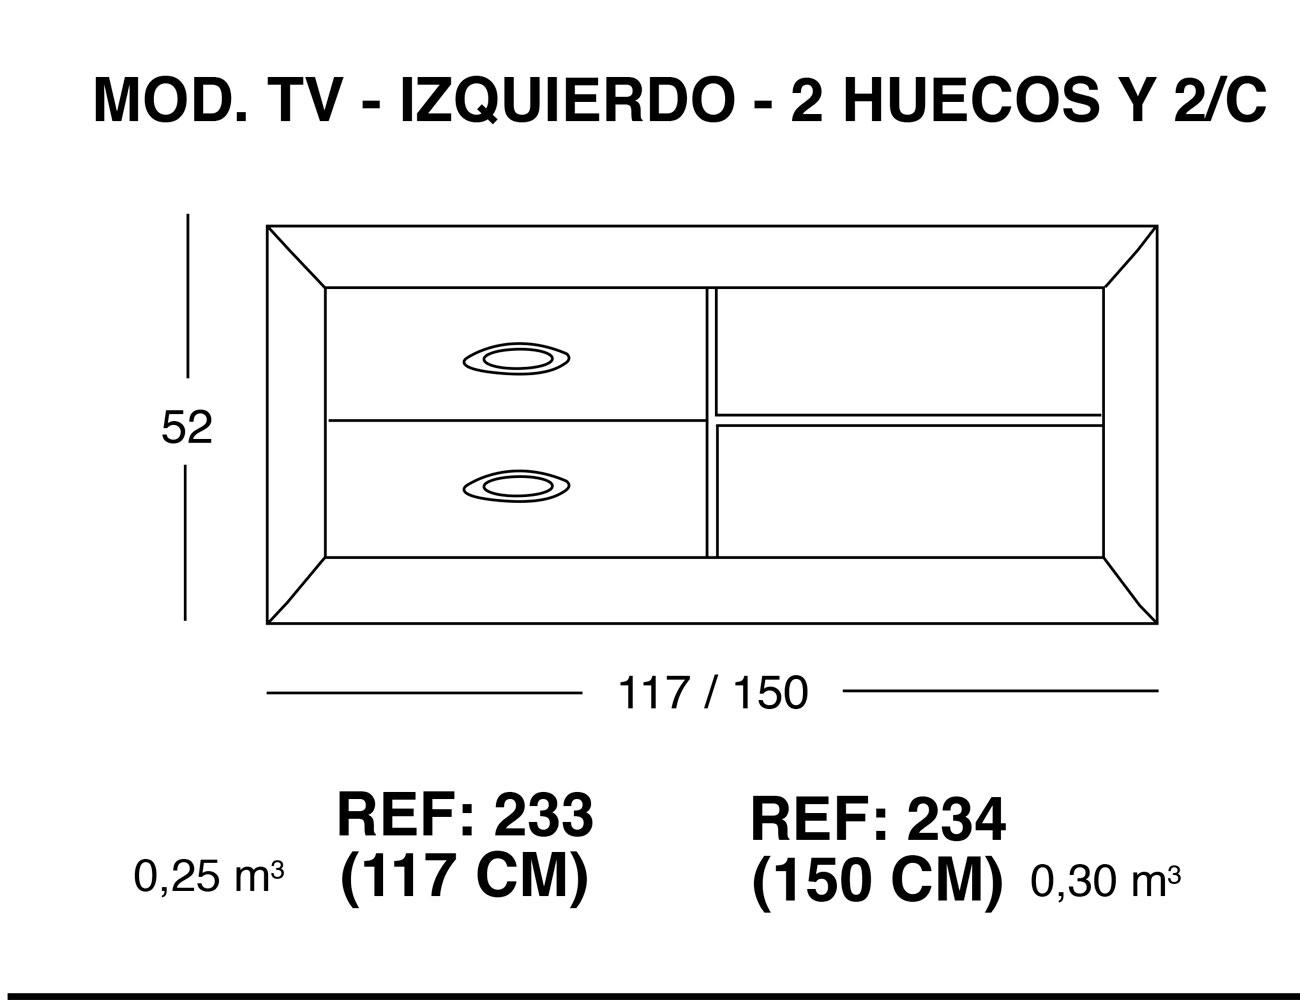 Modulo tv izquierdo 2 huecos 2 cajones1